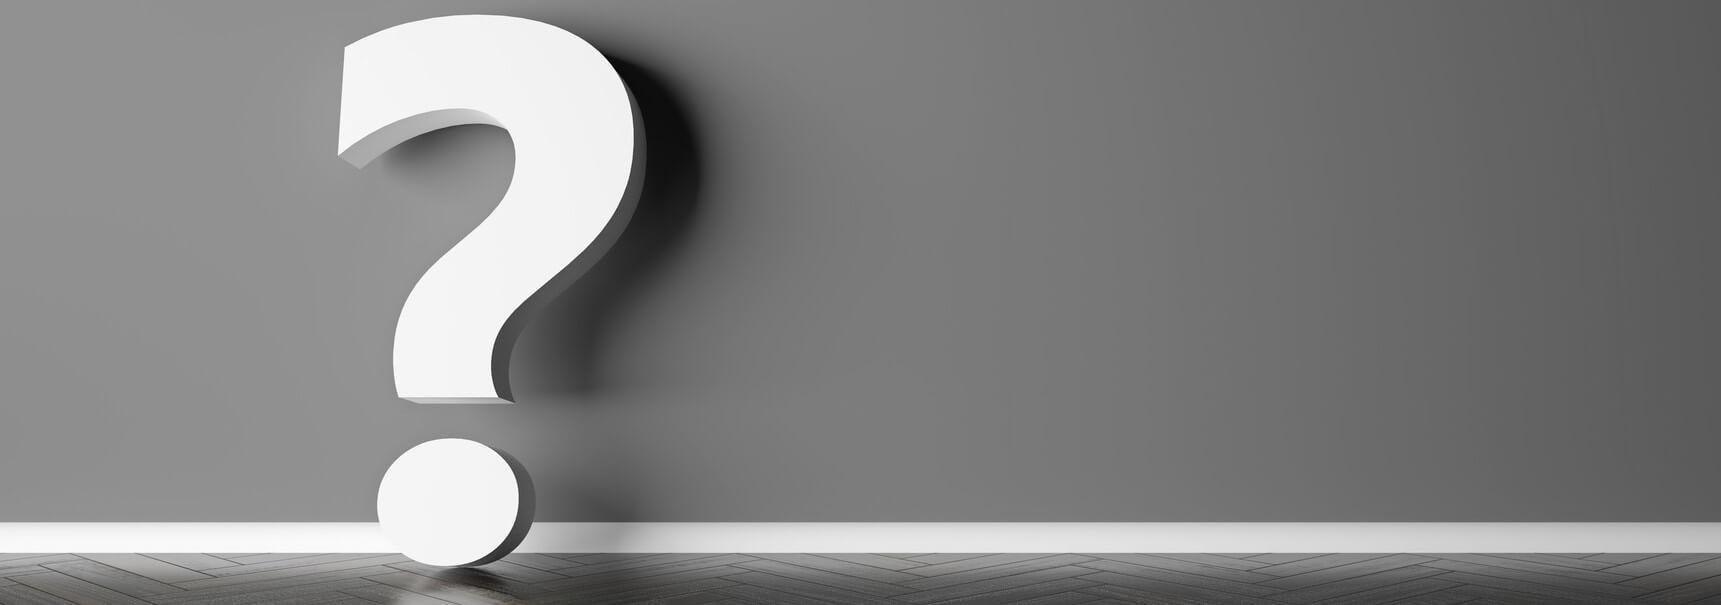 umtausch bei tchibo tipp rechte pflichten beim umtauschen. Black Bedroom Furniture Sets. Home Design Ideas